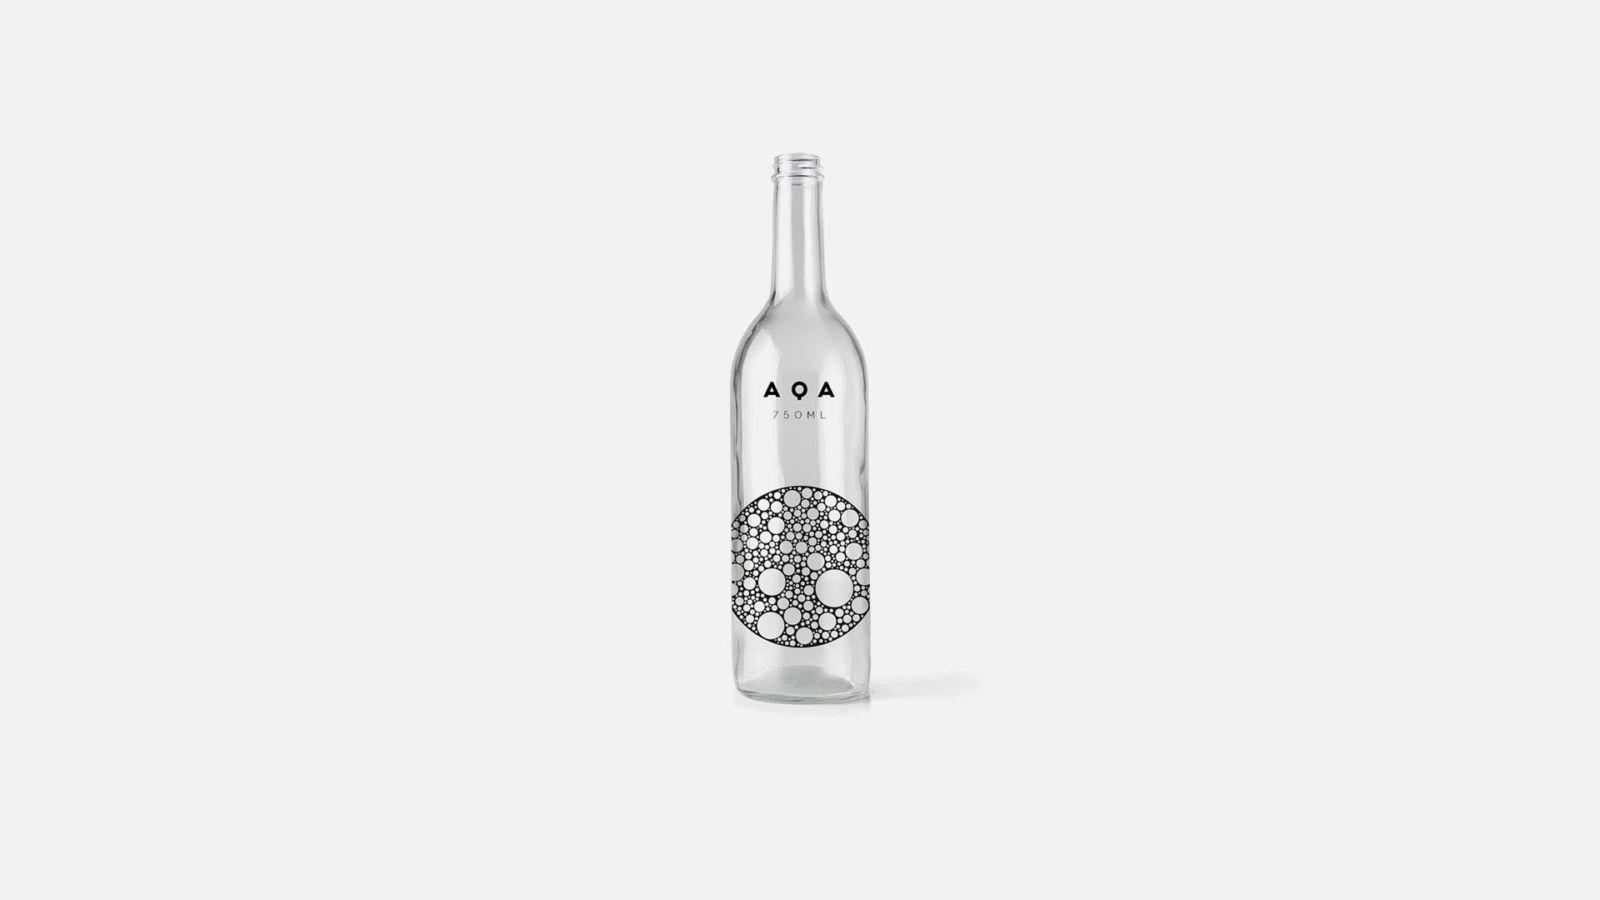 Aqa Bottles